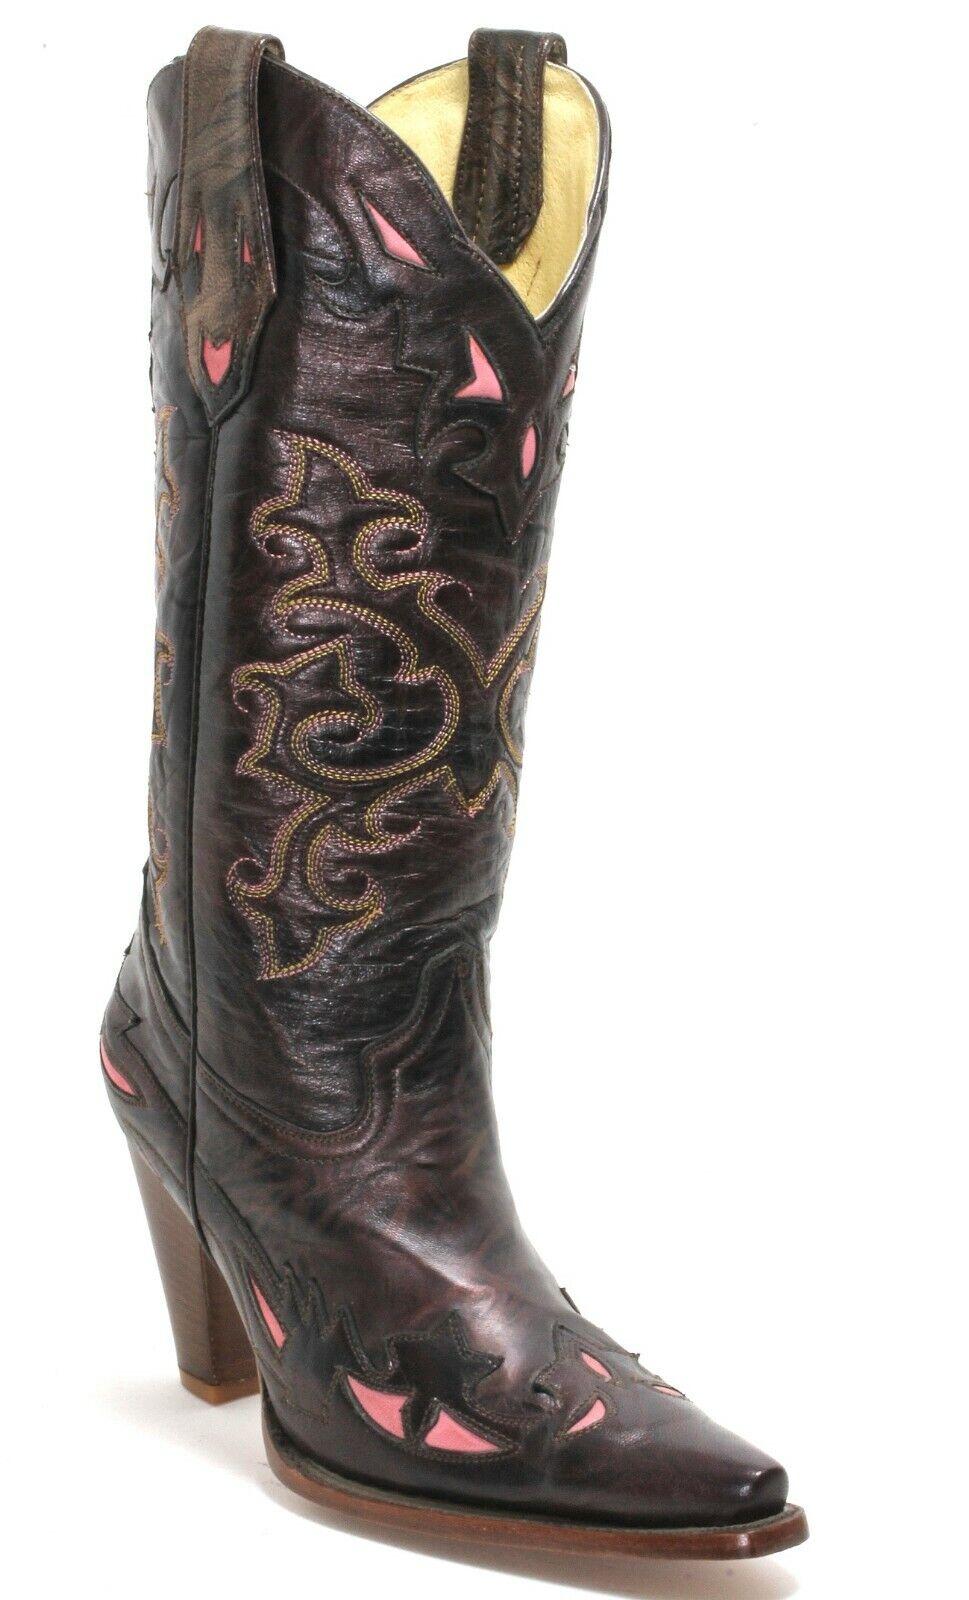 27 Cowboystiefel Westernstiefel Texas Catalan Style Fashion American Bull 37